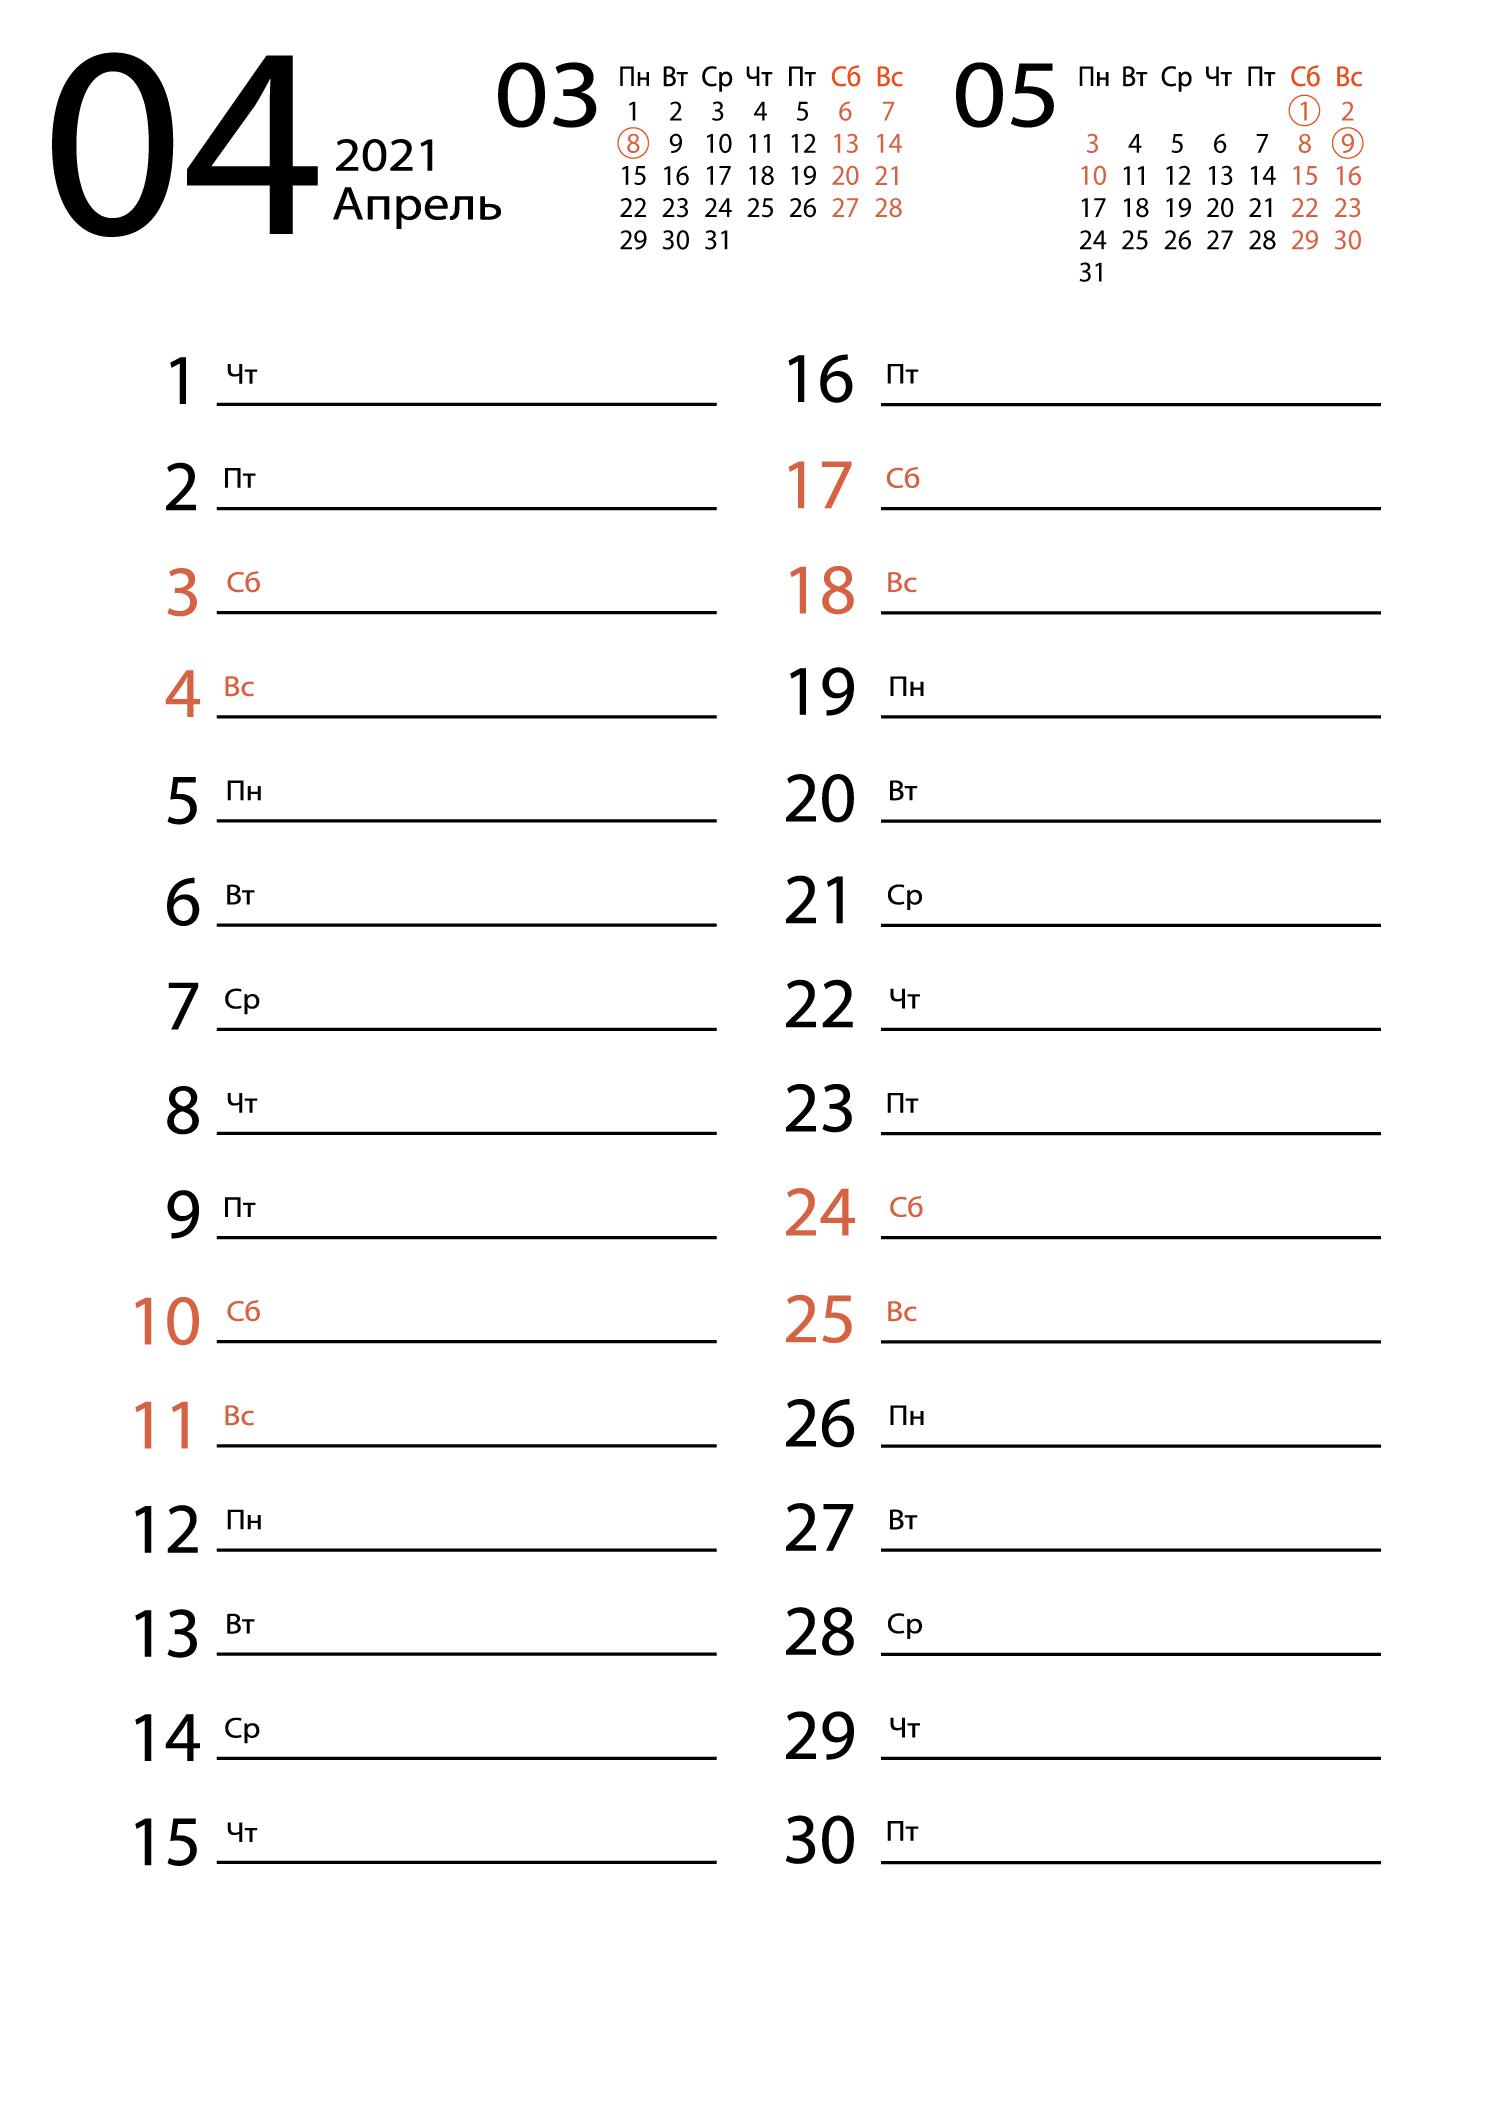 Печать календаря на апрель 2021 для заметок